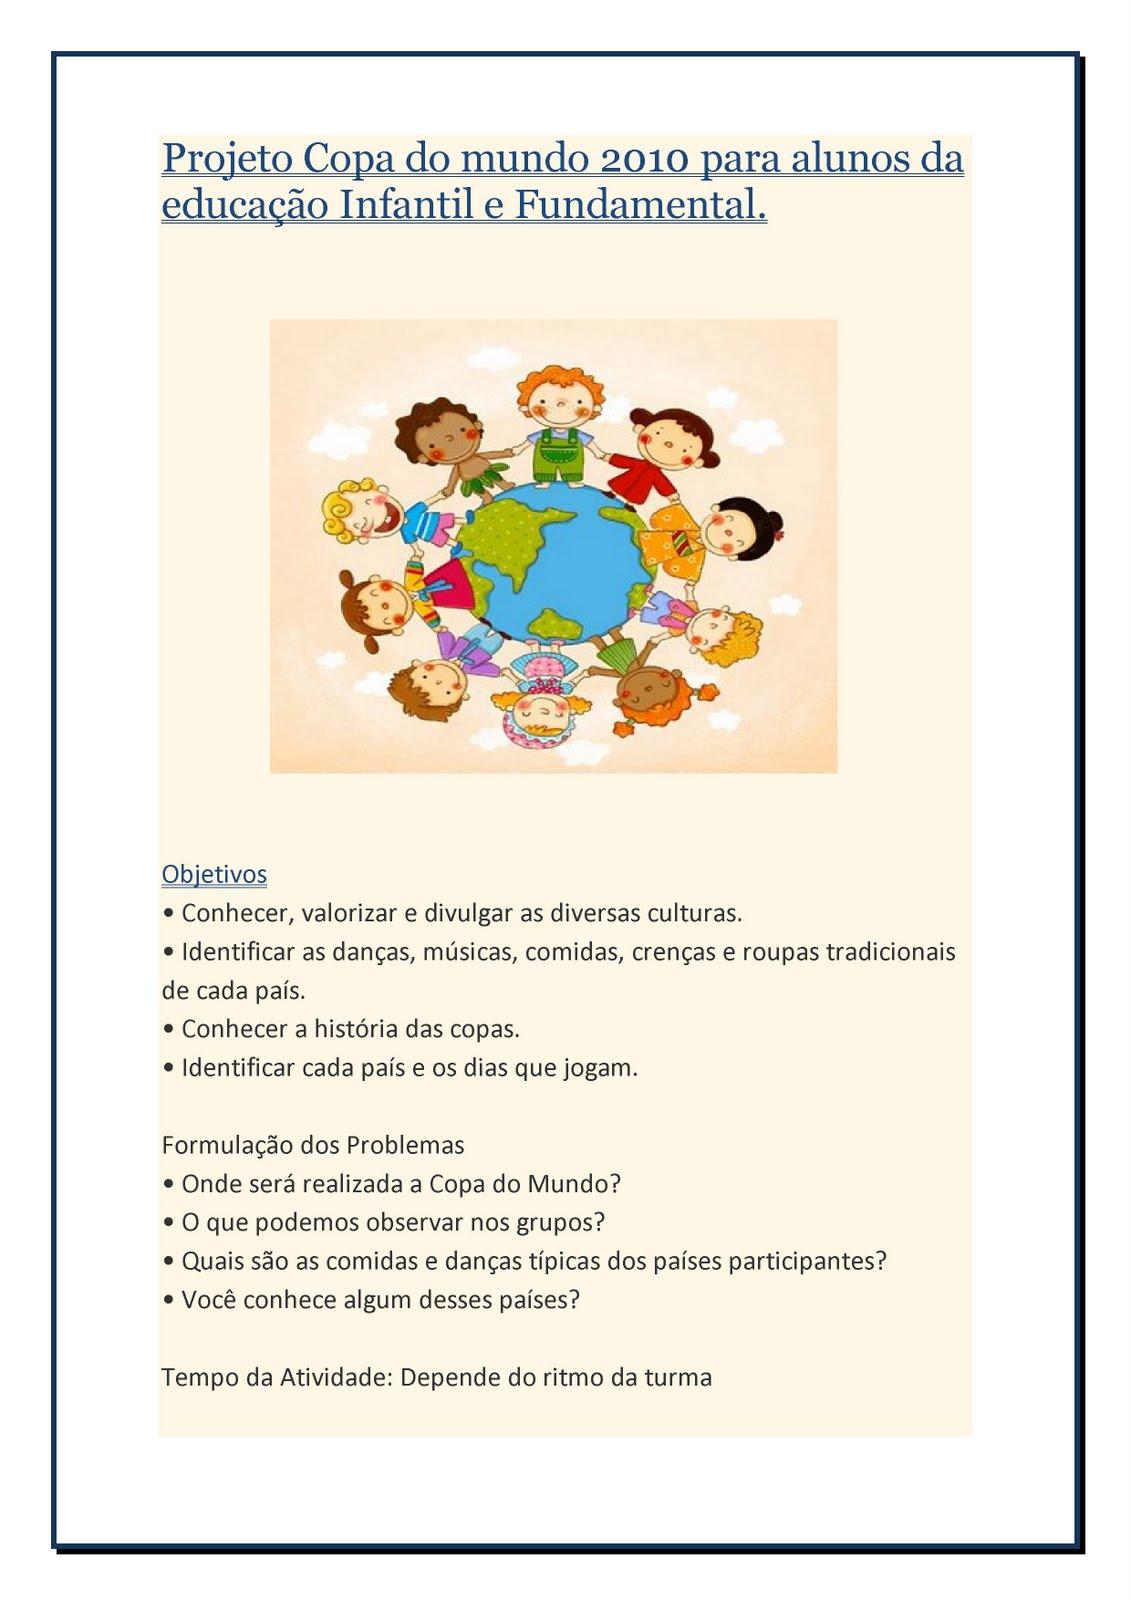 #197FB2 Projeto Copa do mundo 2010 para alunos da educação Infantil e  1131x1600 px Projeto Cozinha Na Educação Infantil_4295 Imagens